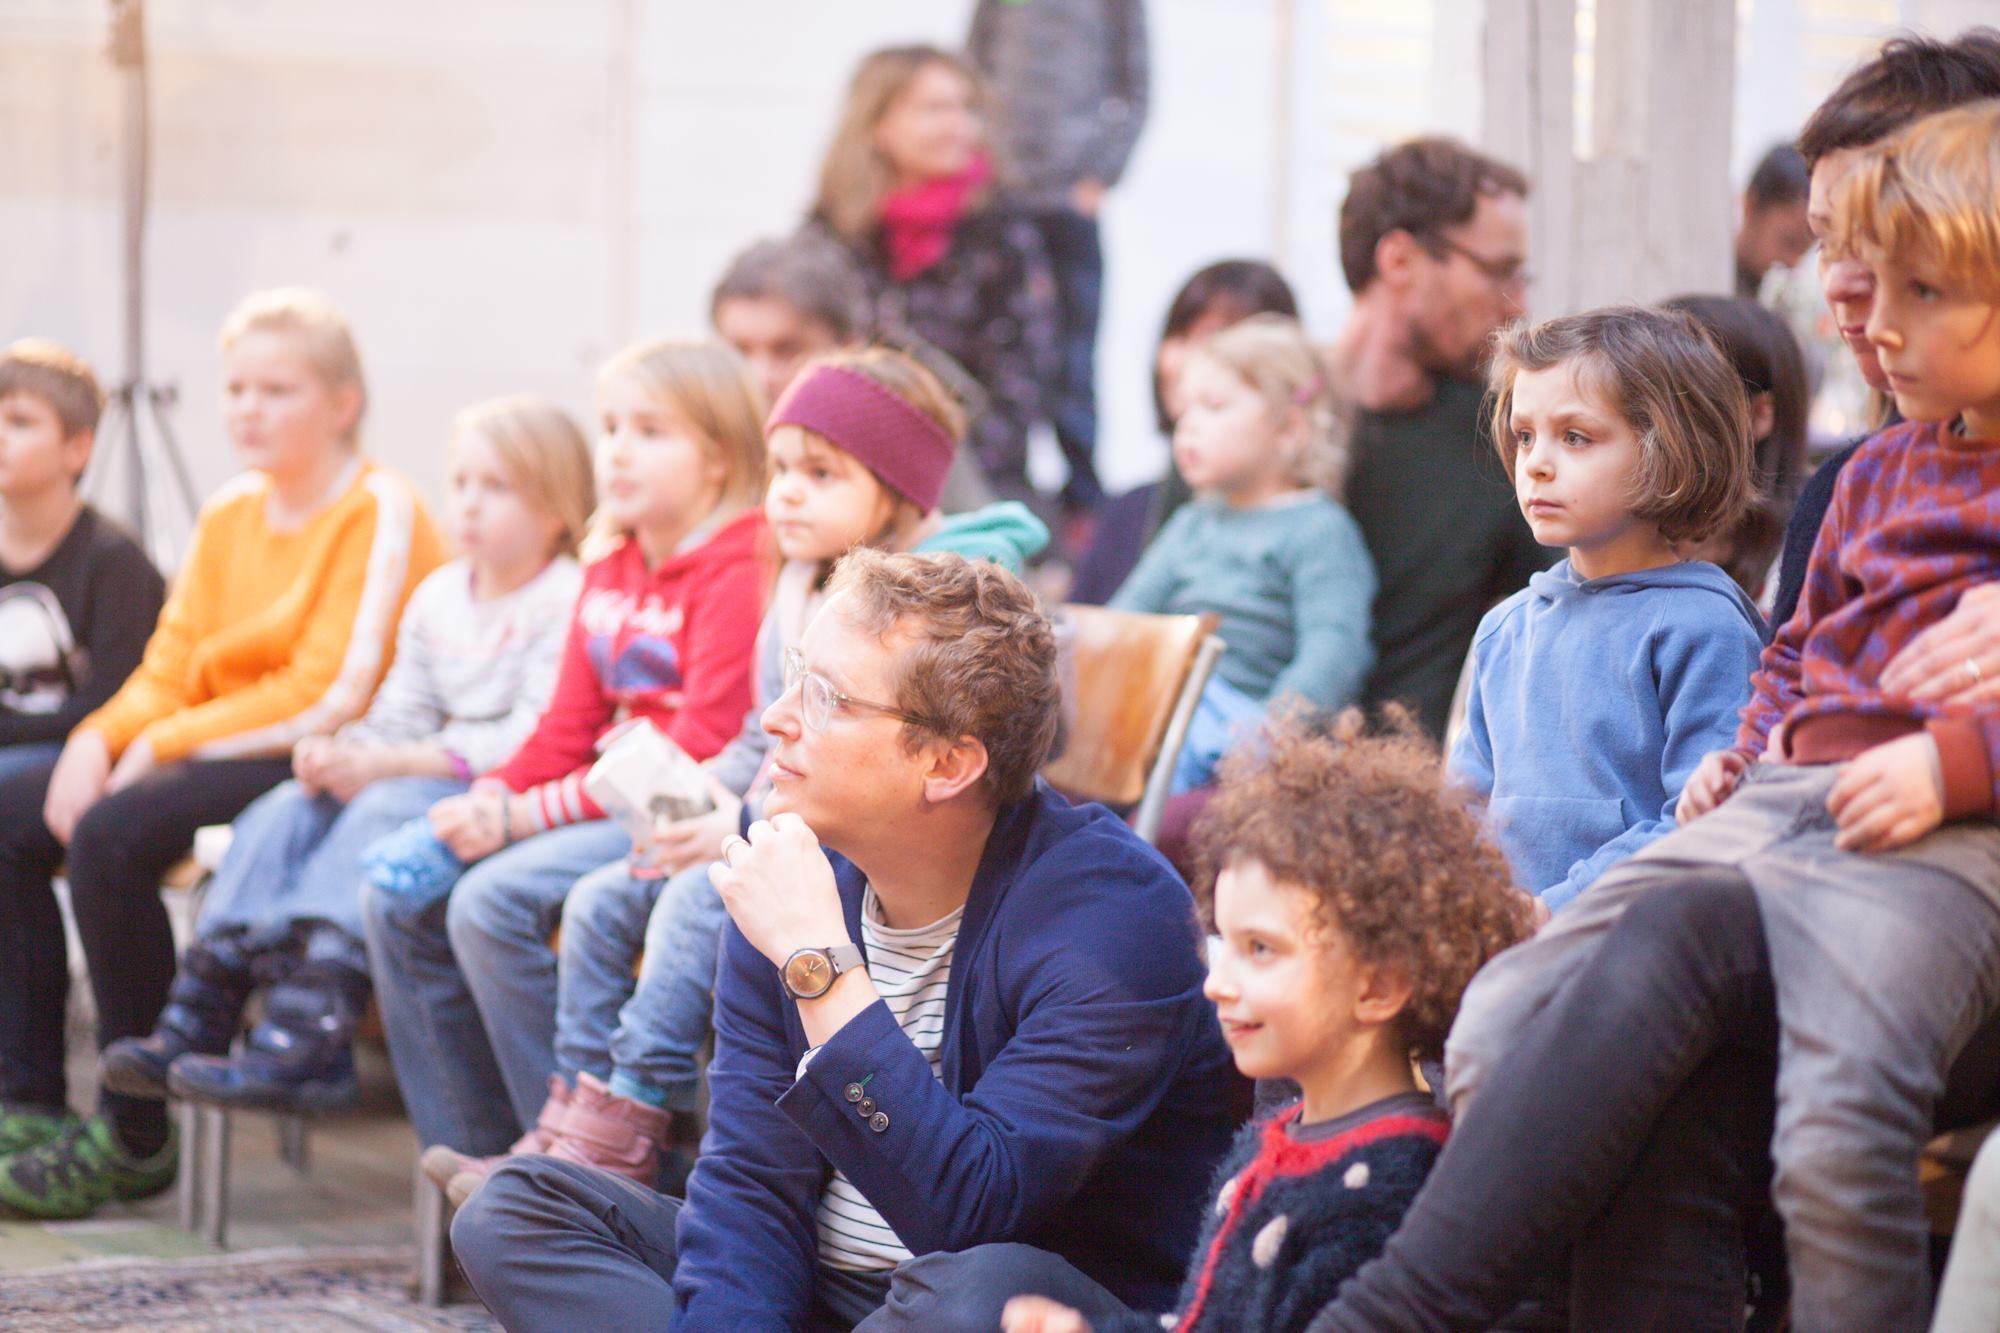 Grünen-Präsident Maurus Frey in der Mitte von Kindern an der Nominationsversammlung in Luzern.